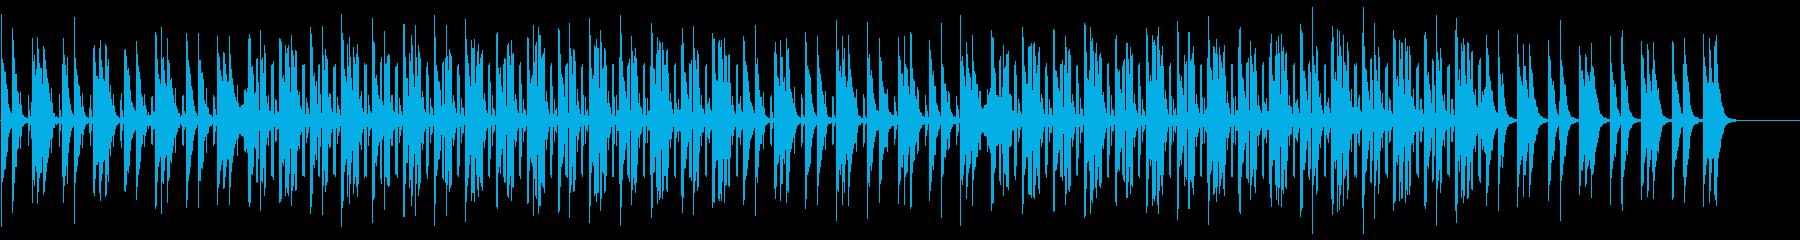 ニュース・報道番組系BGMの再生済みの波形